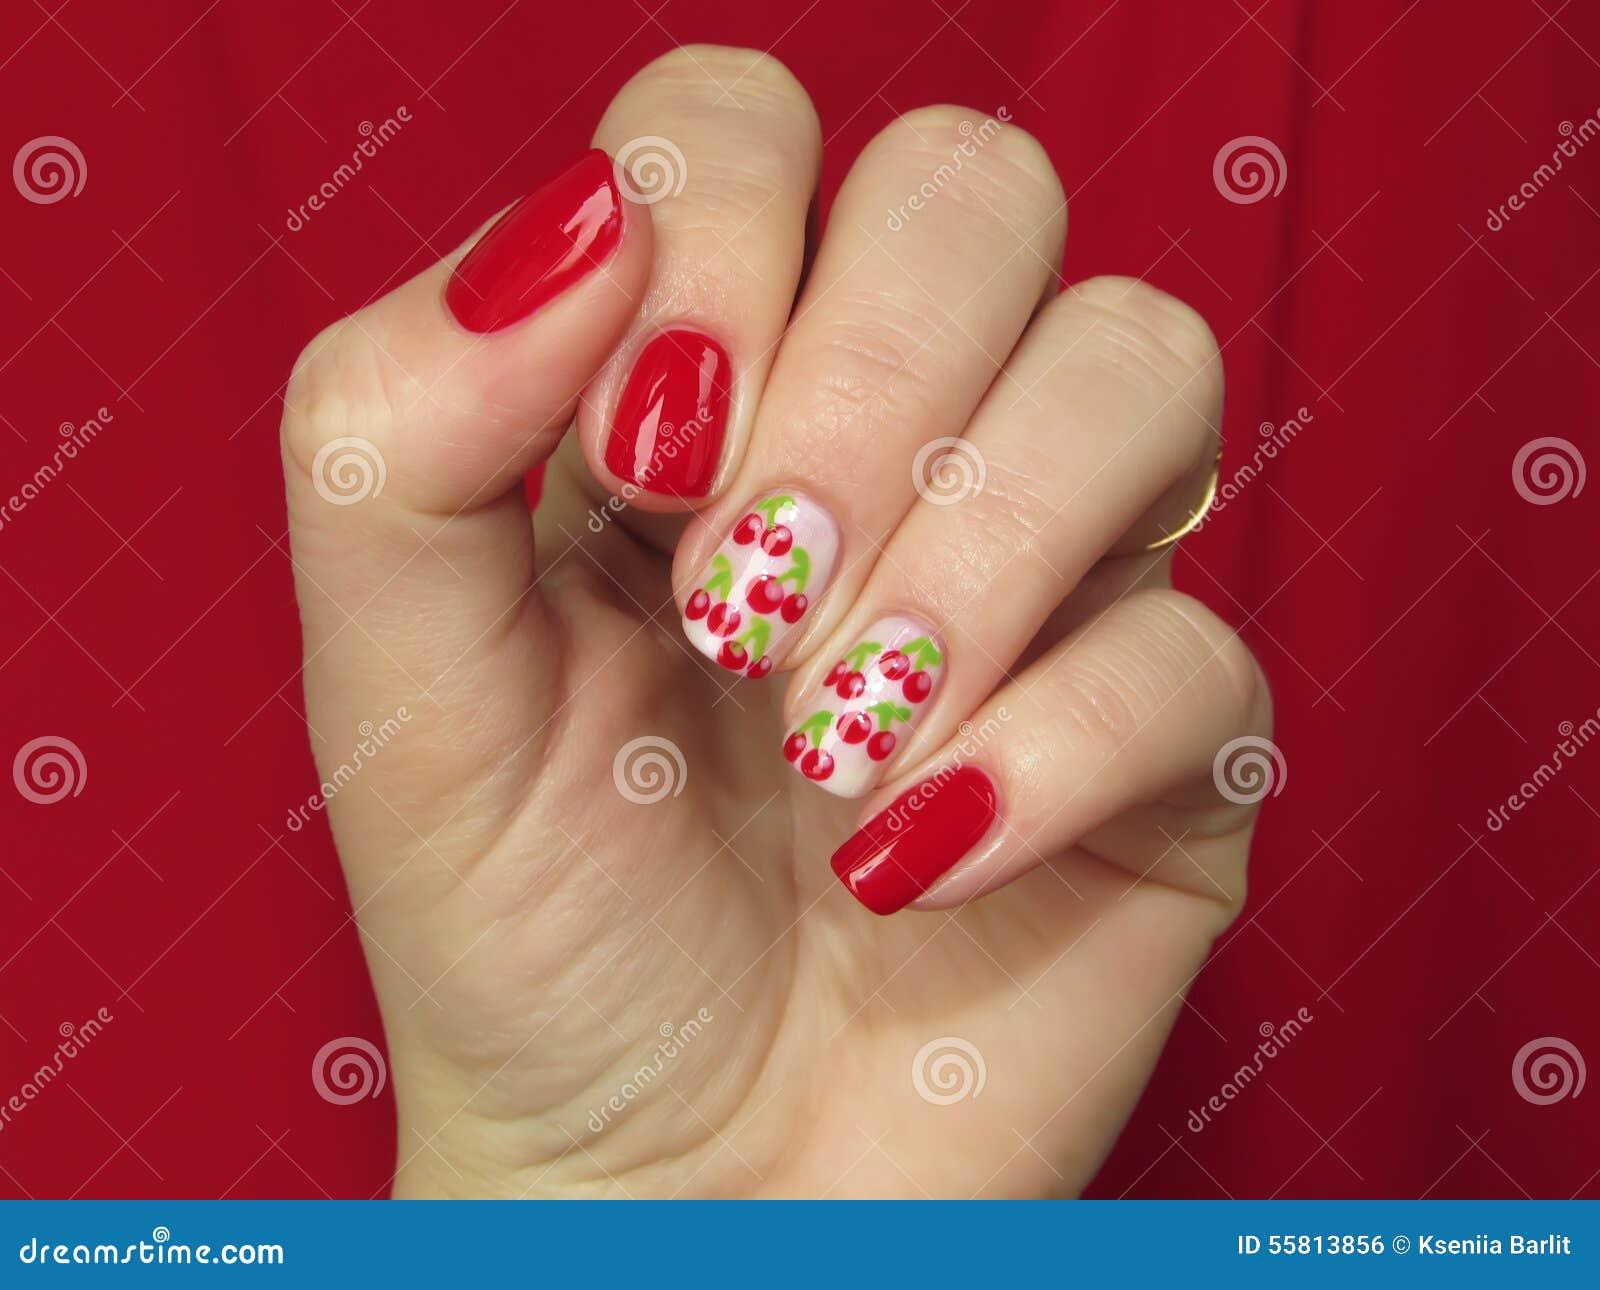 Вишня на ногтях маникюр